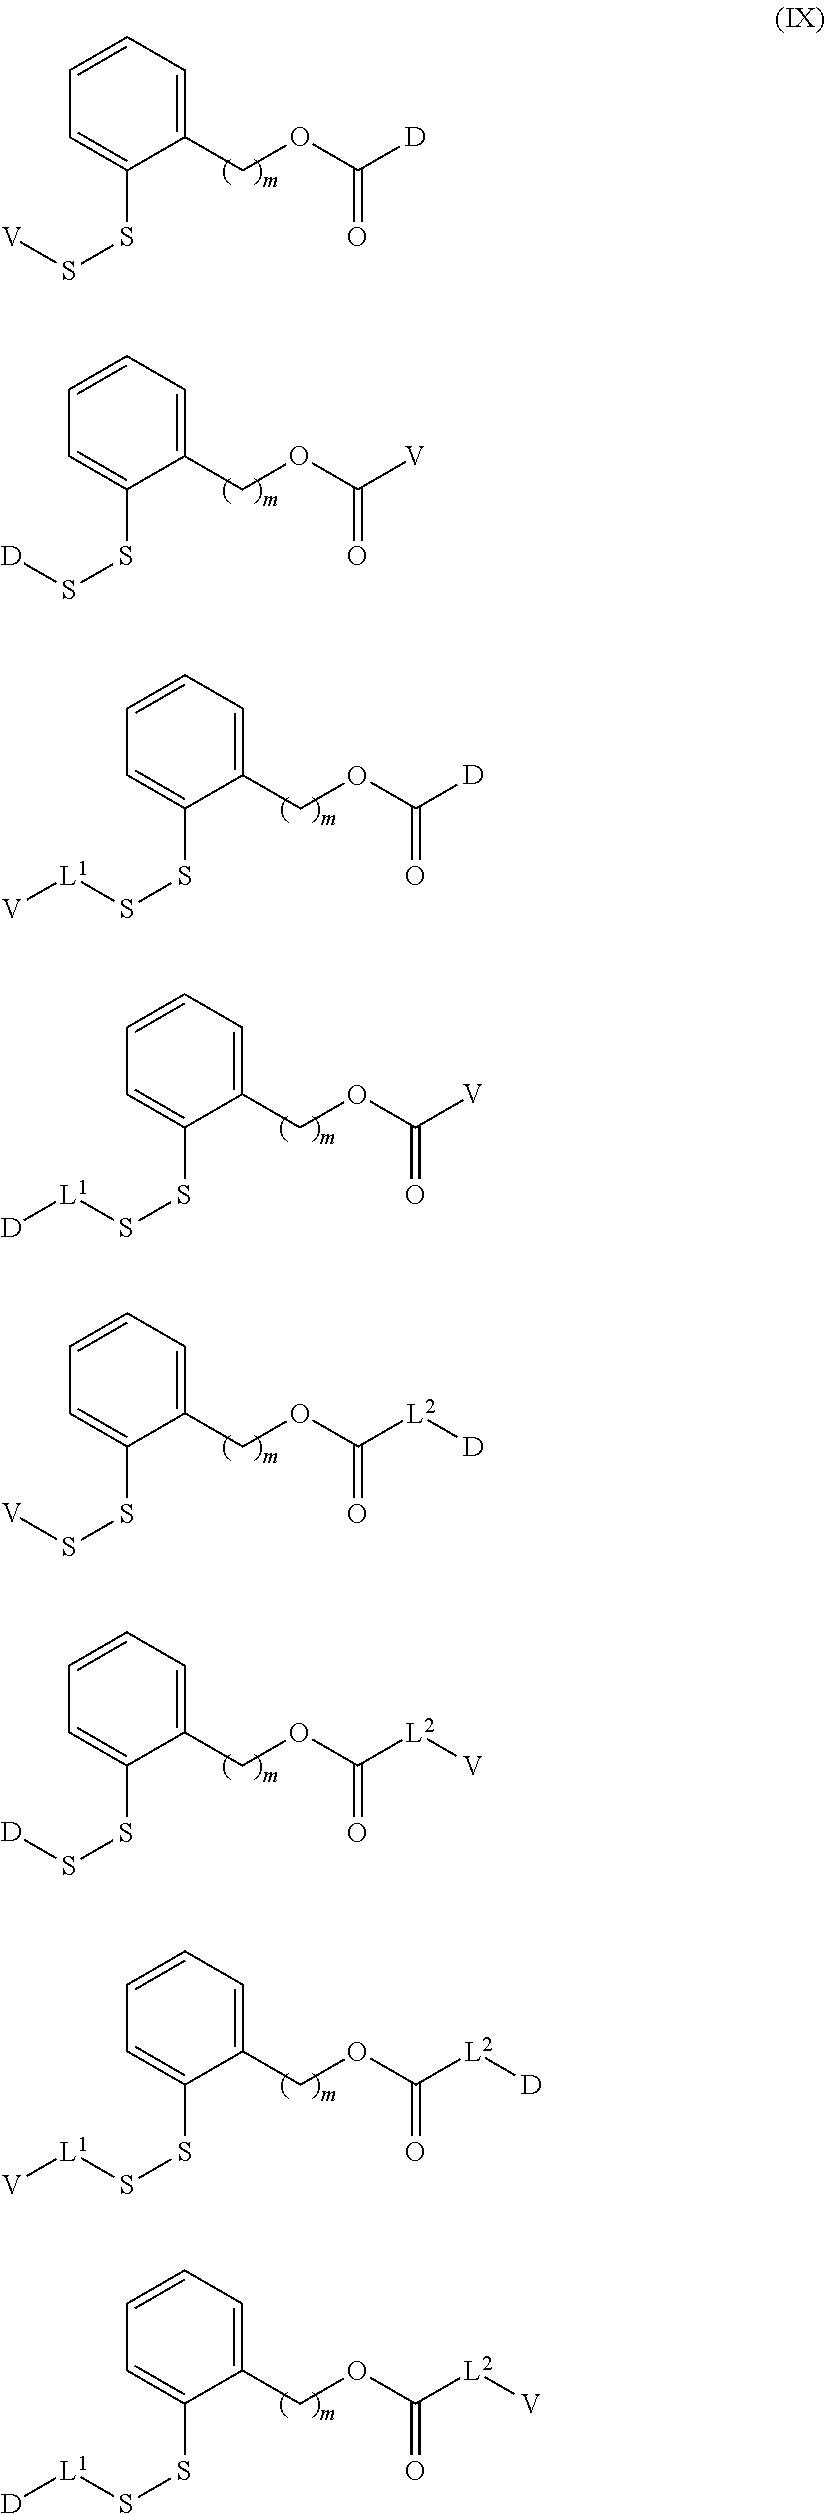 Figure US09550734-20170124-C00013